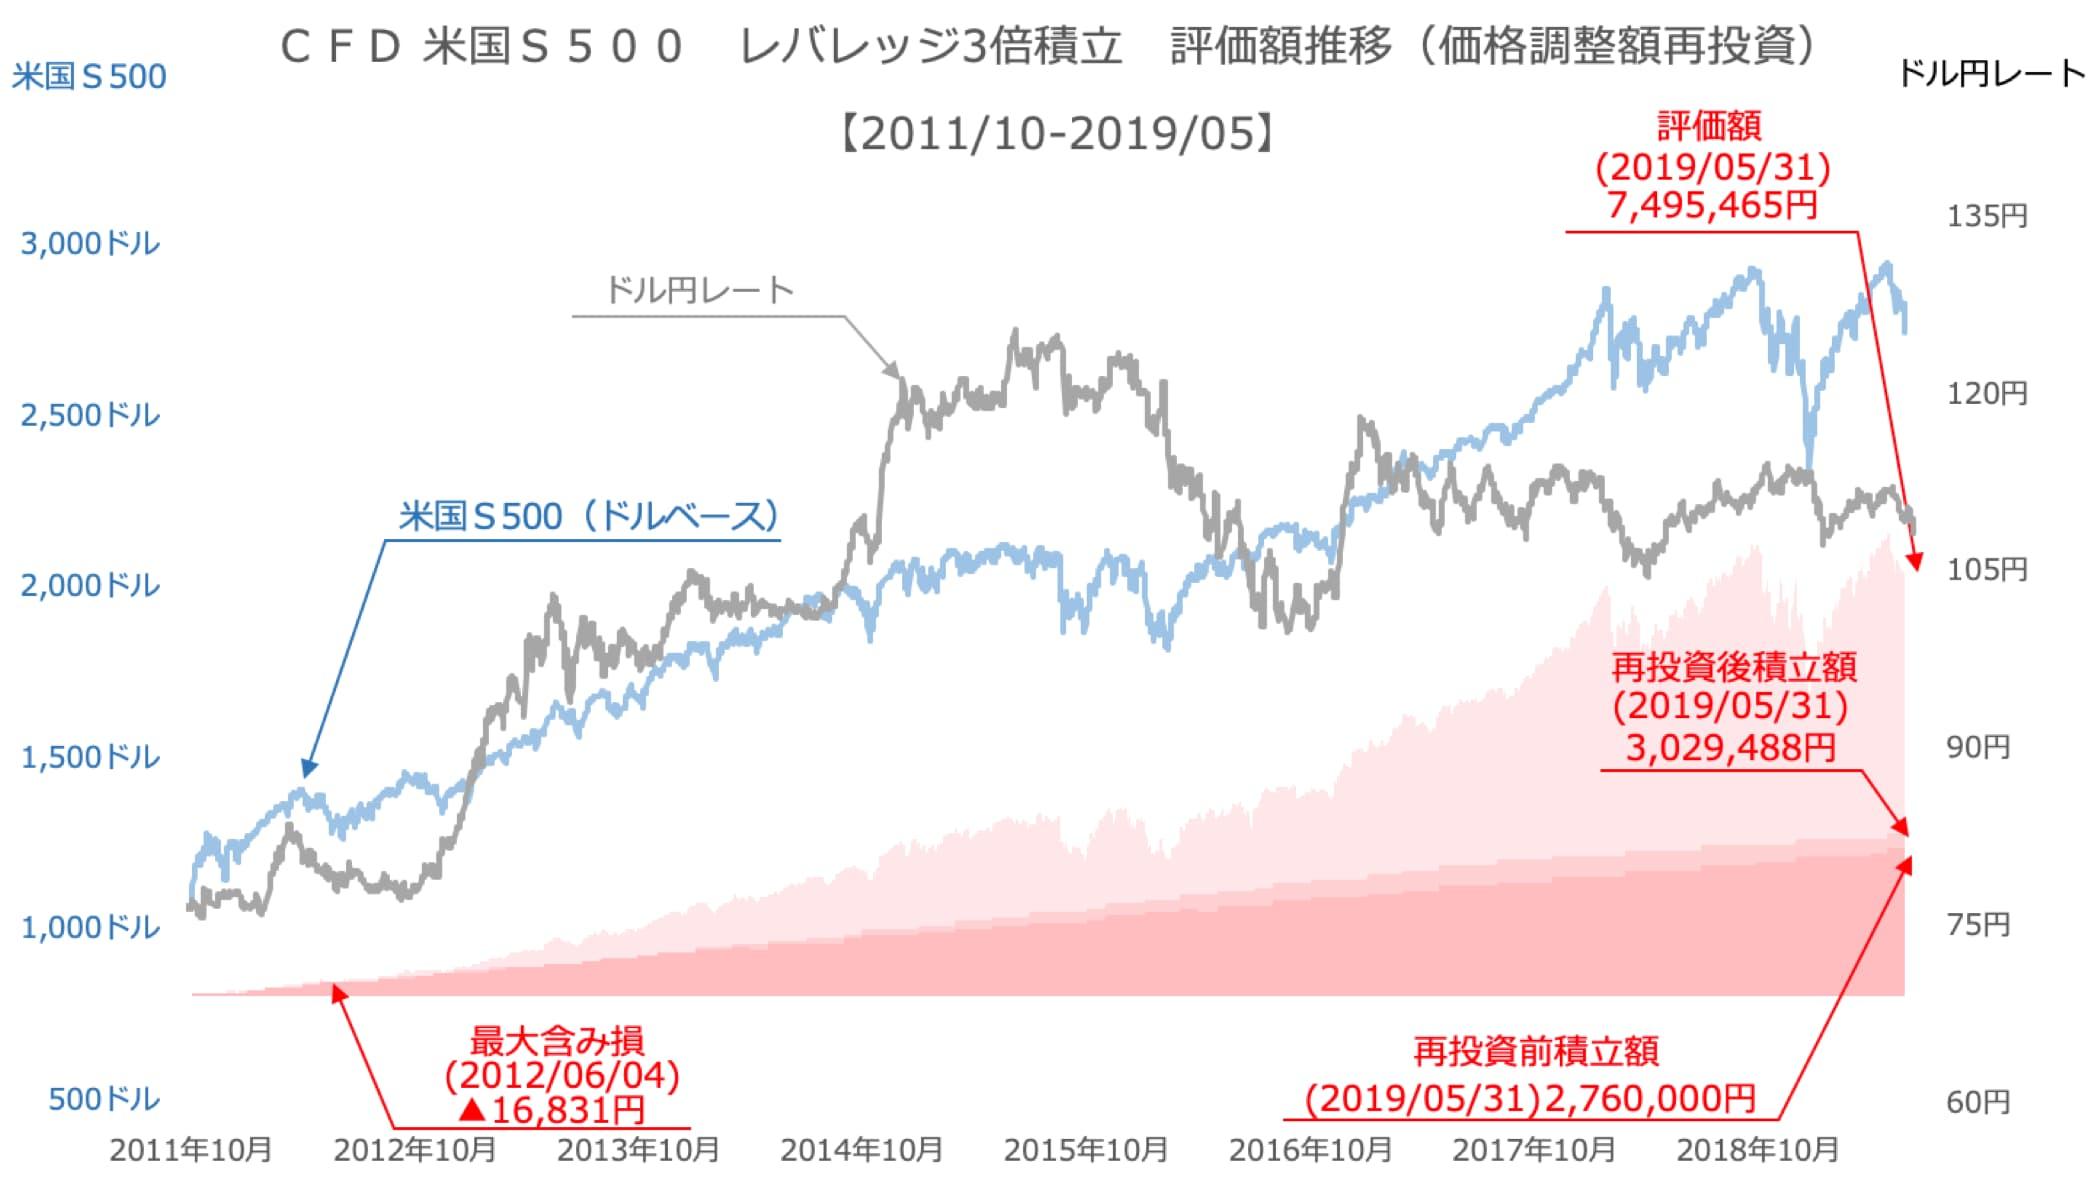 S&P500に3万円ずつ積立投資していたら